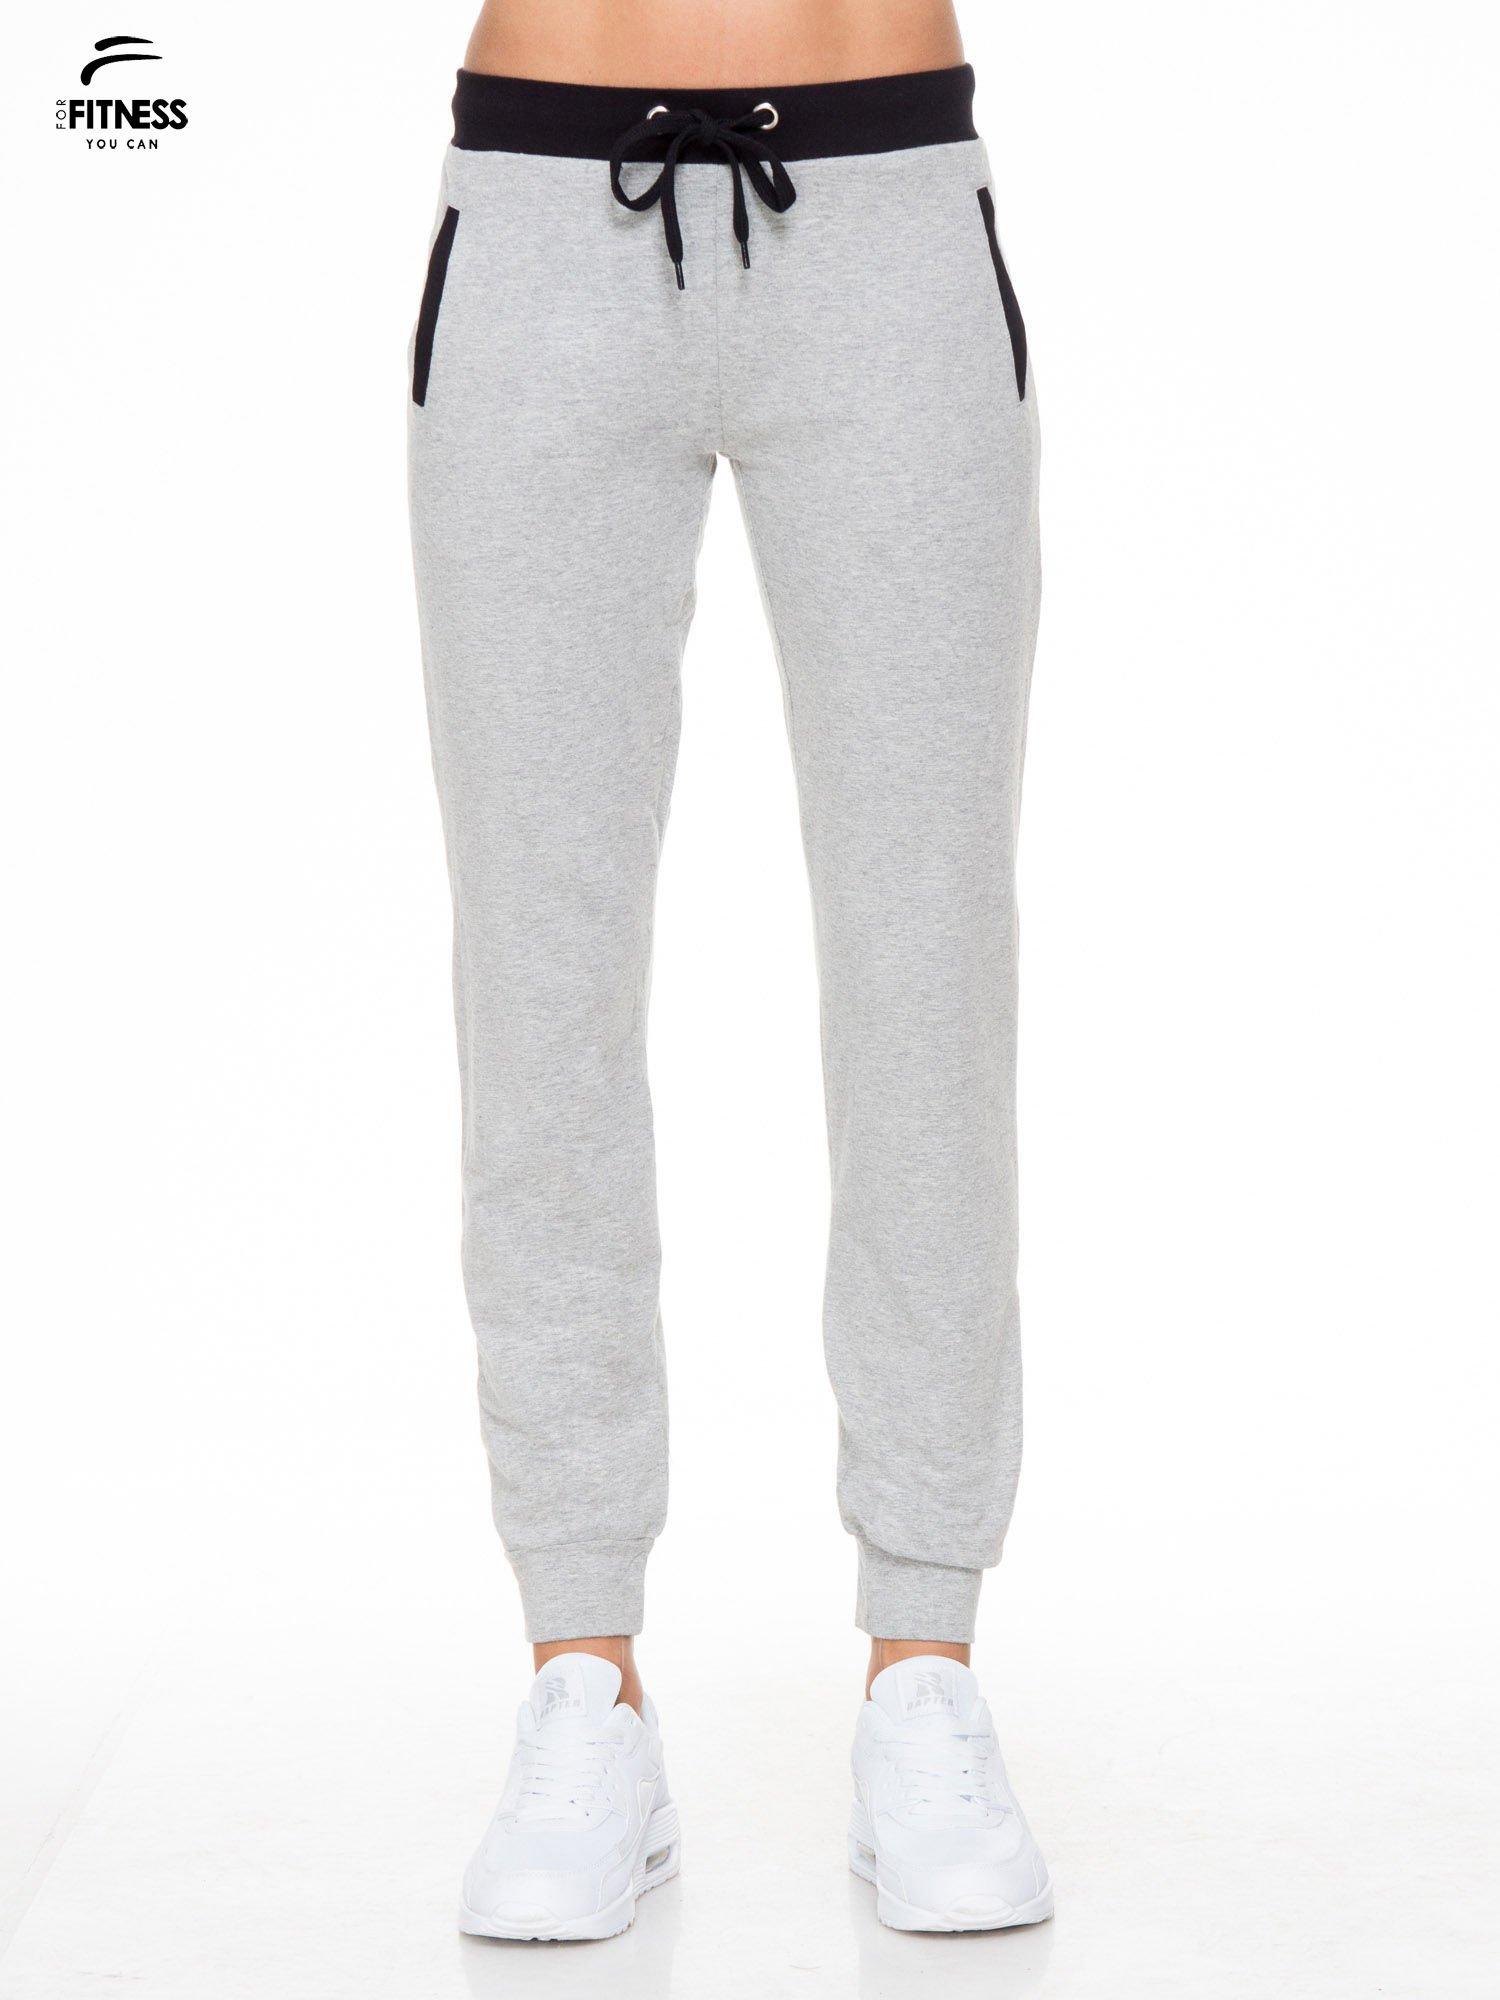 Szare spodnie dresowe z kontrastowym pasem i kieszeniami                                  zdj.                                  1